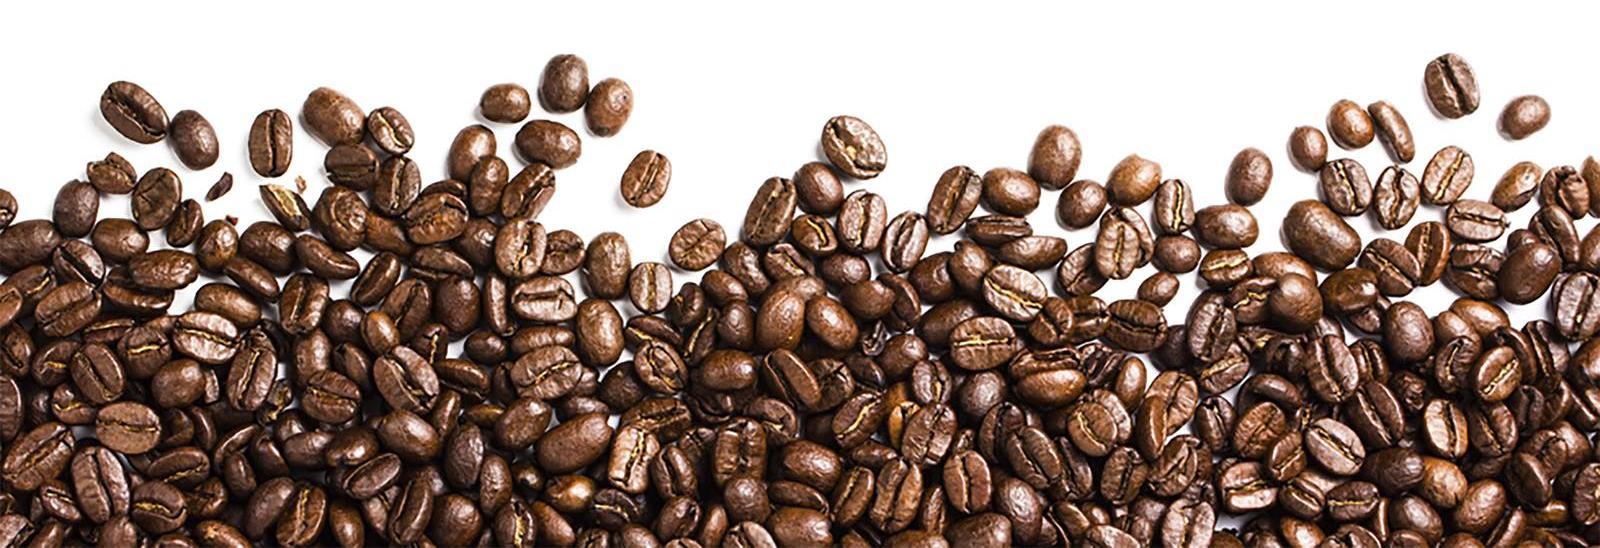 Caffe Appassionato in Seattle, WA banner image